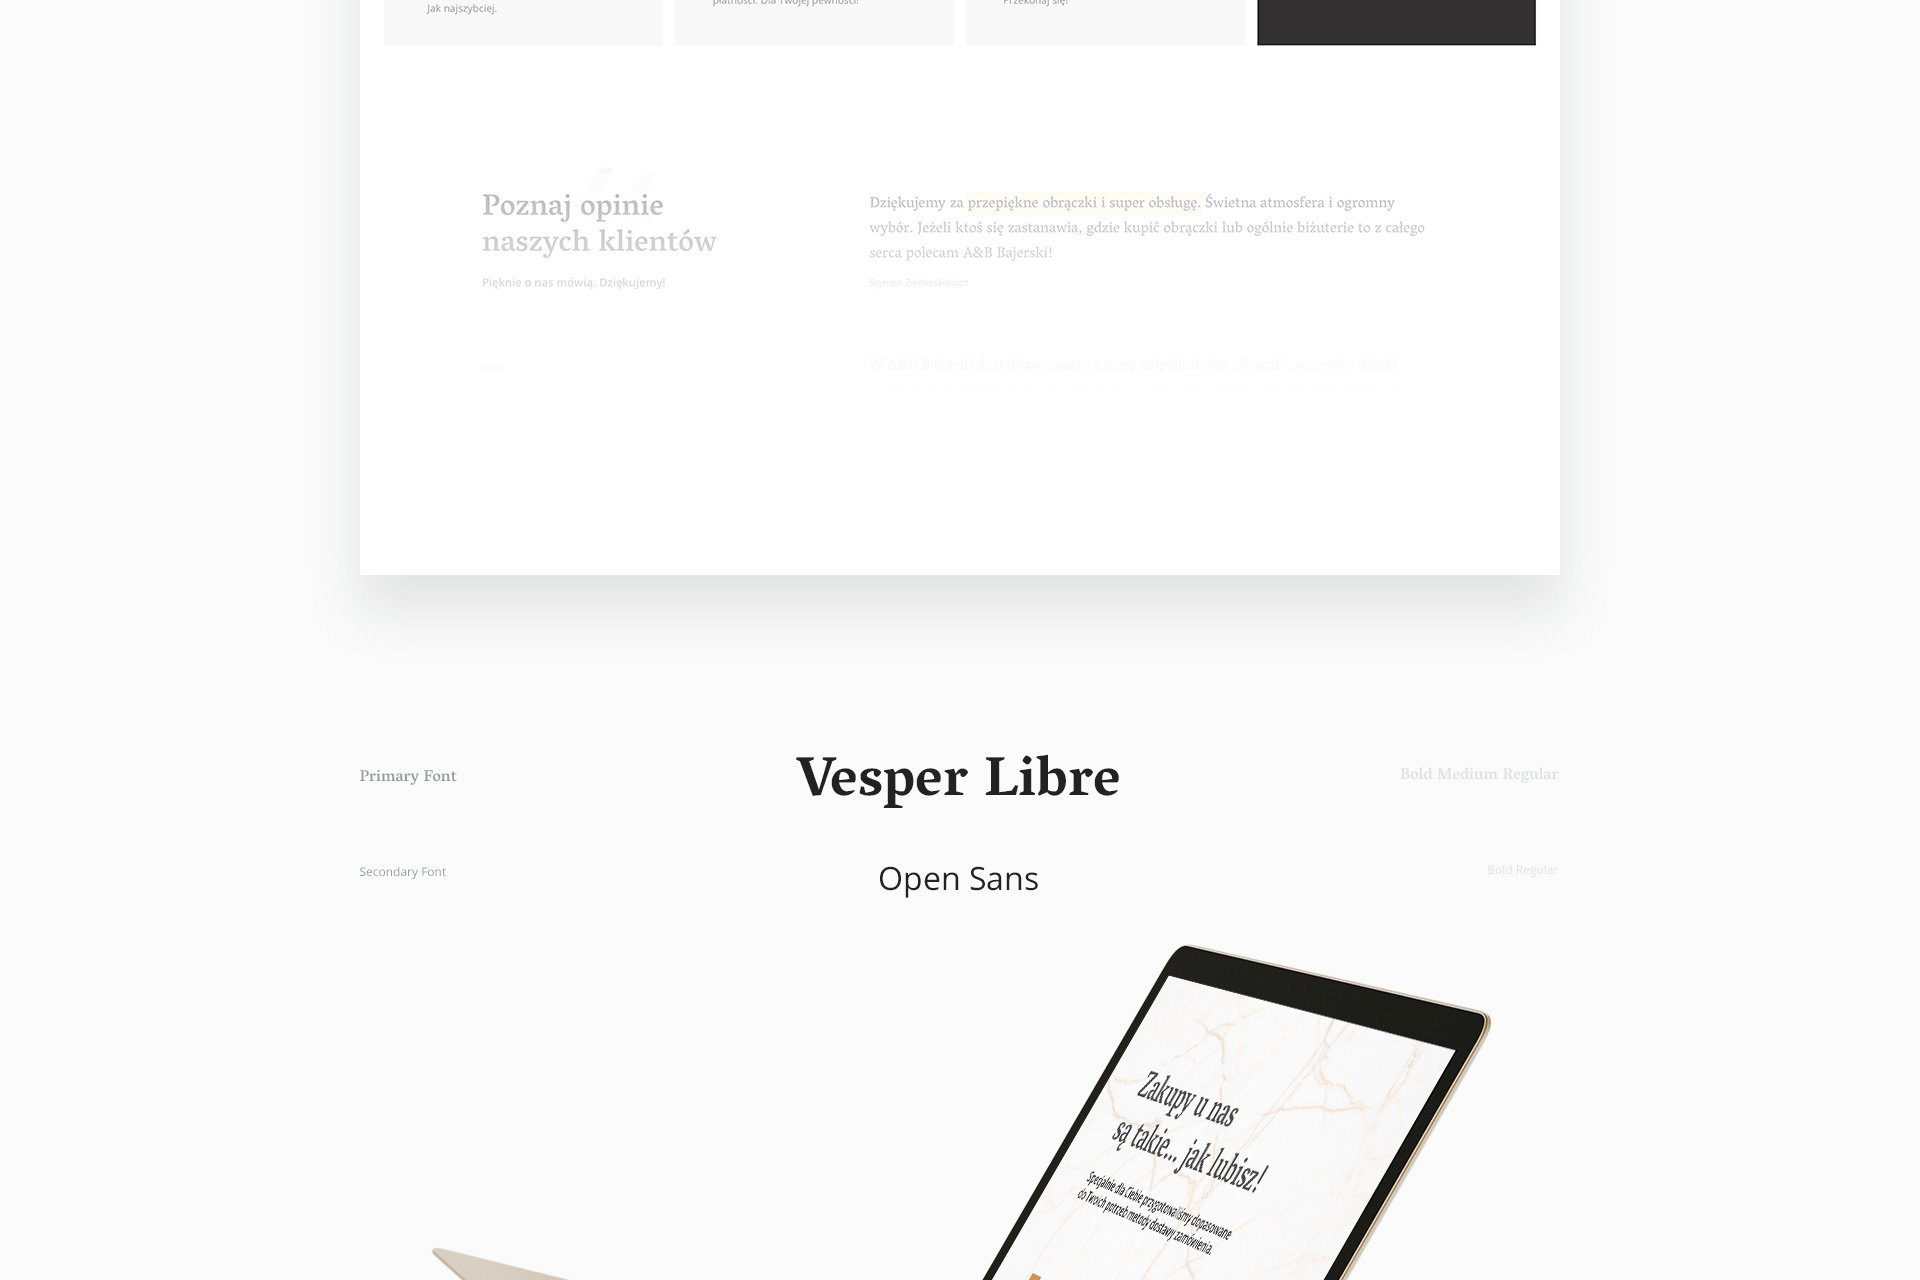 projektowanie sklepów internetowych w poznaniu